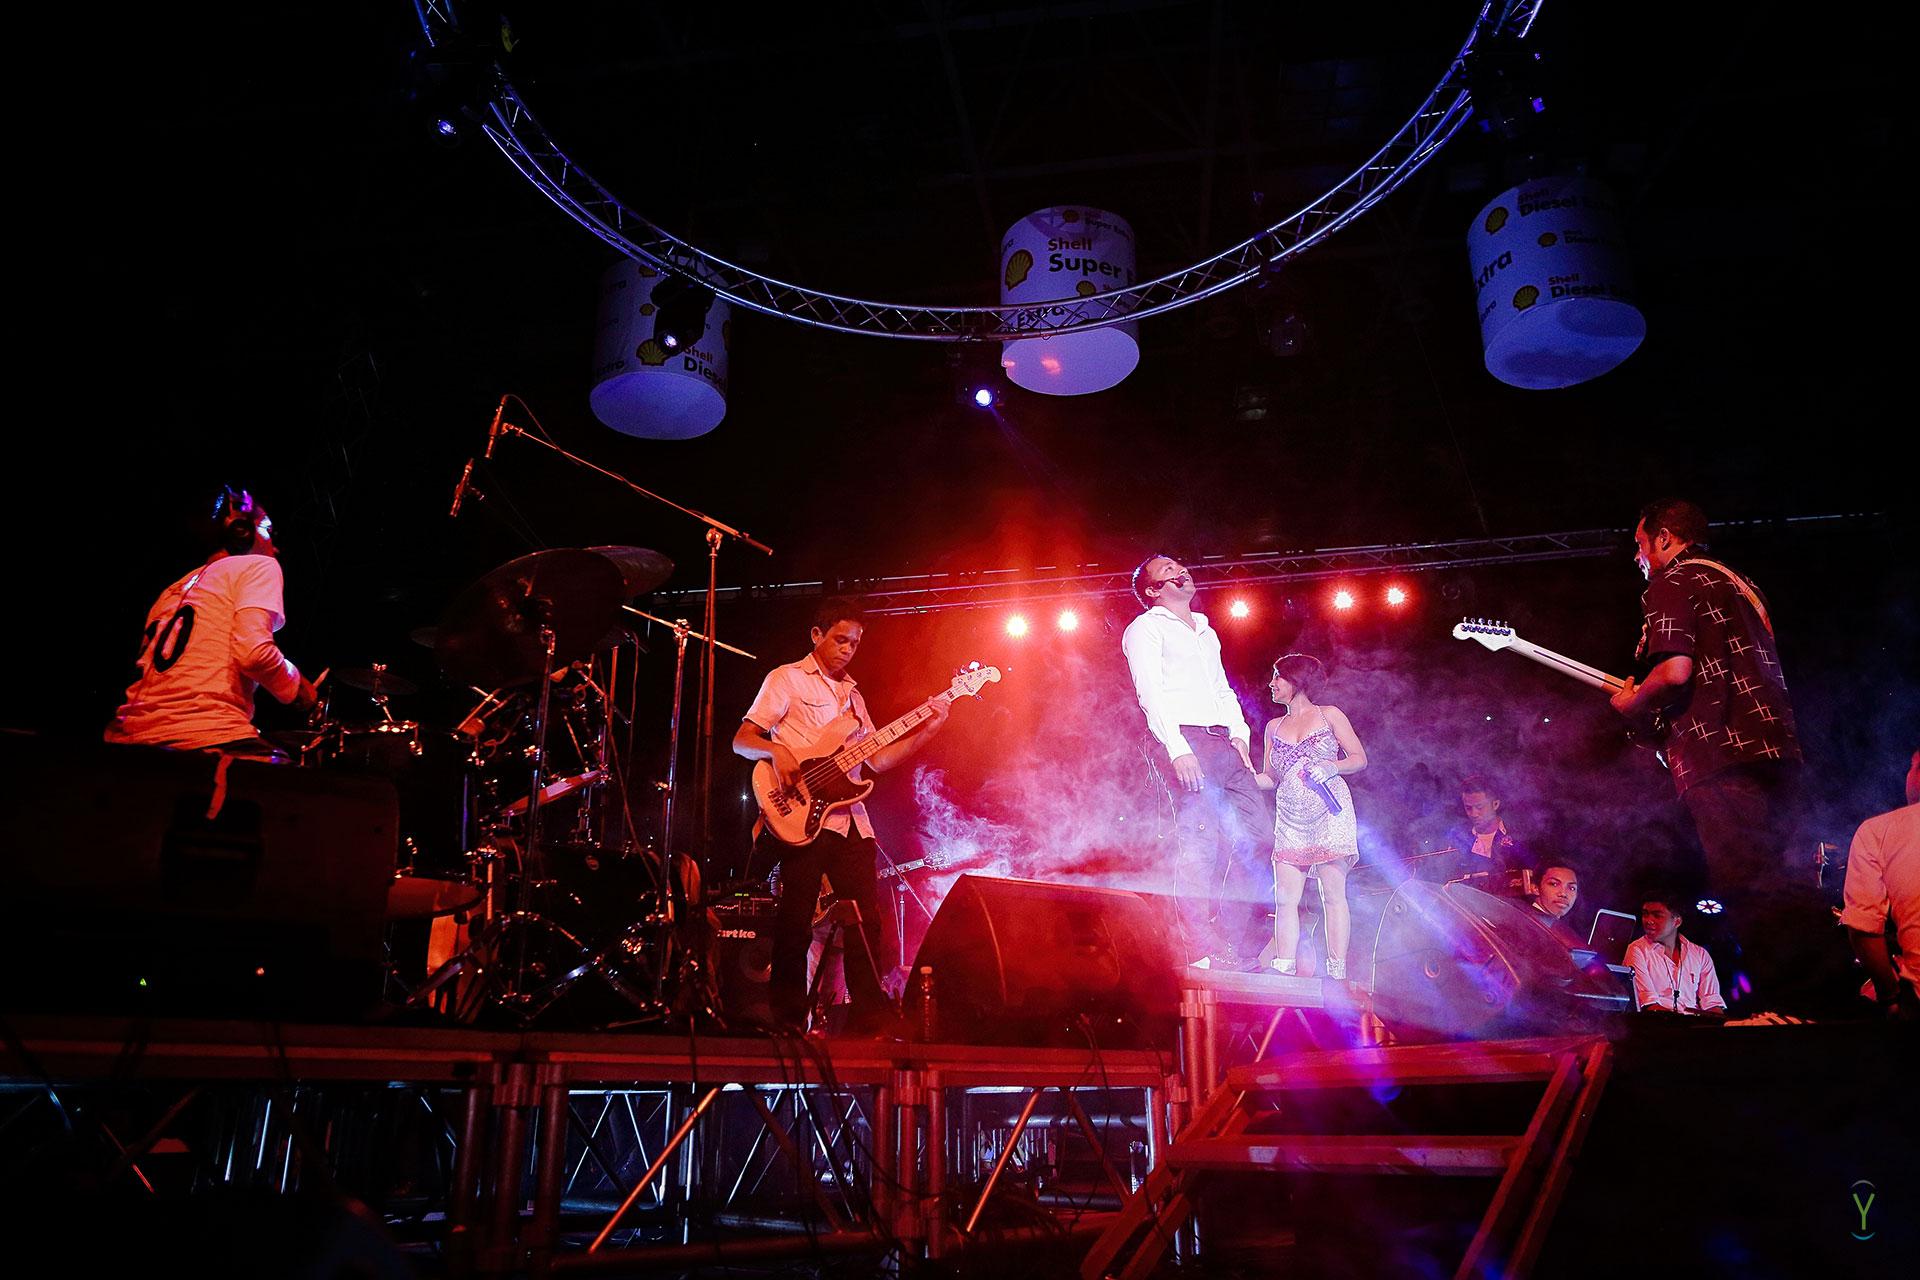 0044_concert-zay-palais-des-sports_16-11-06